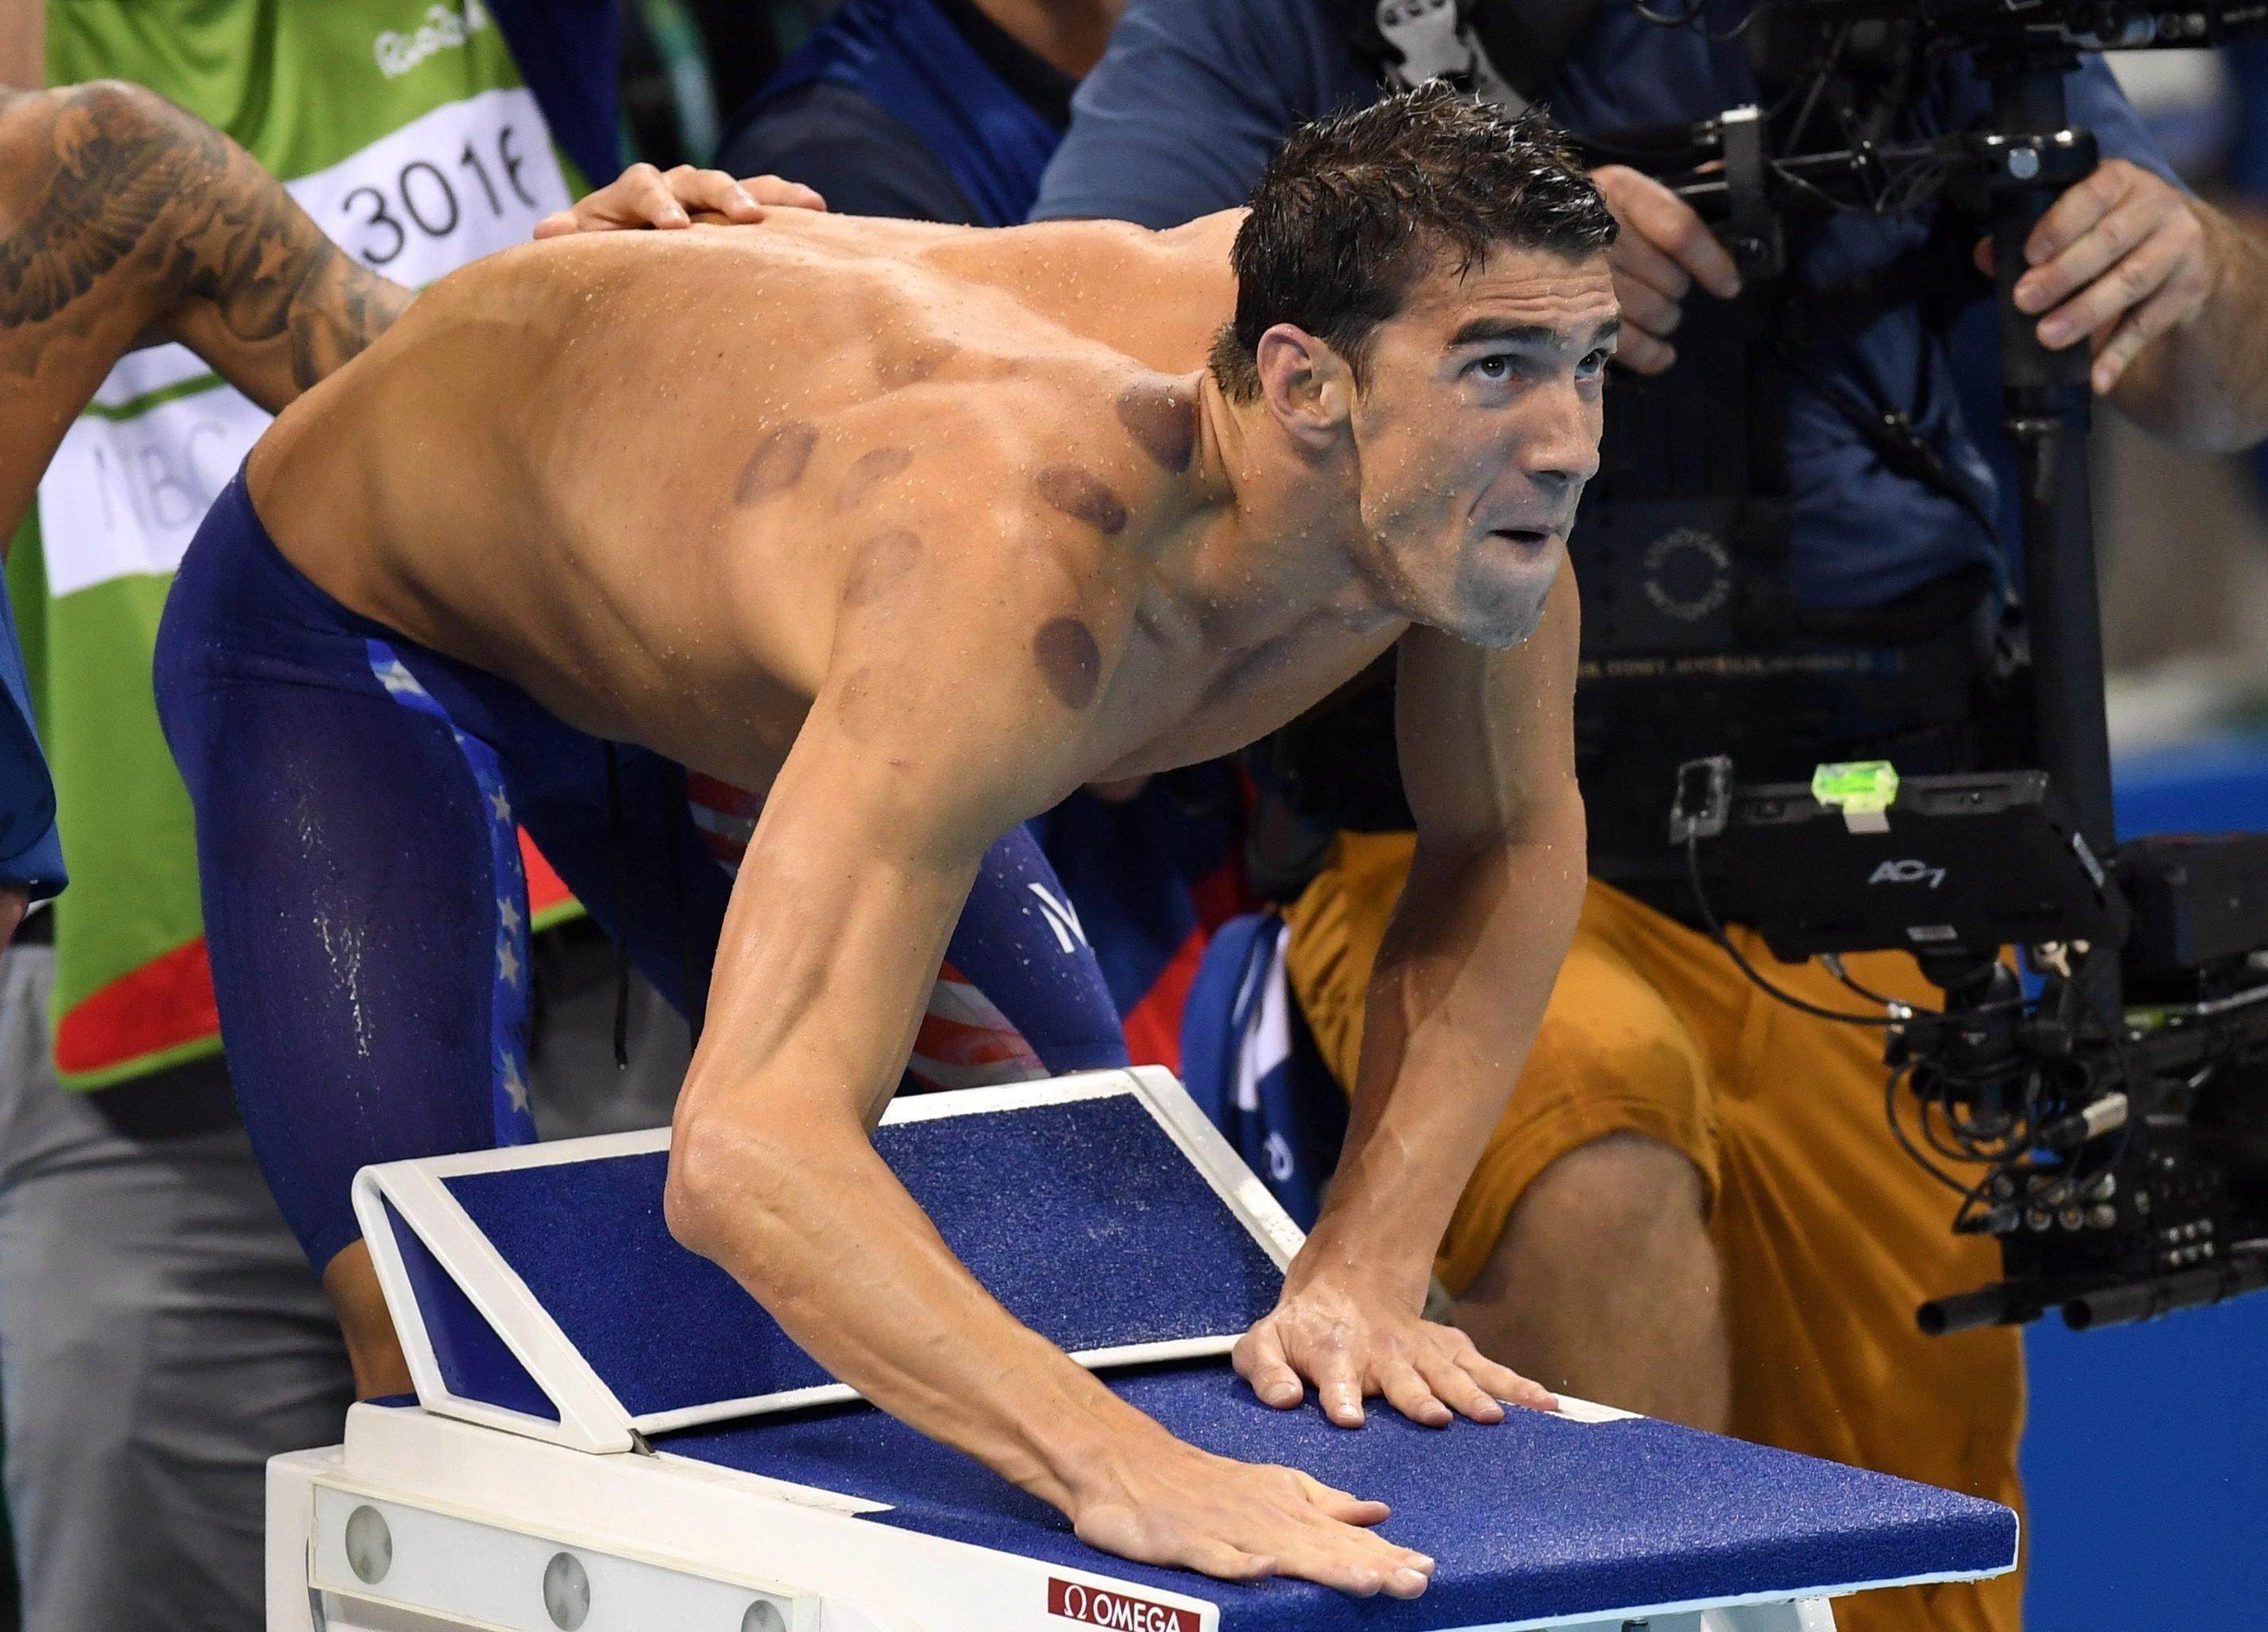 Ha Michael Phelps egy ország lenne, 35. helyen állna az örökös aranyérmes rangsorban